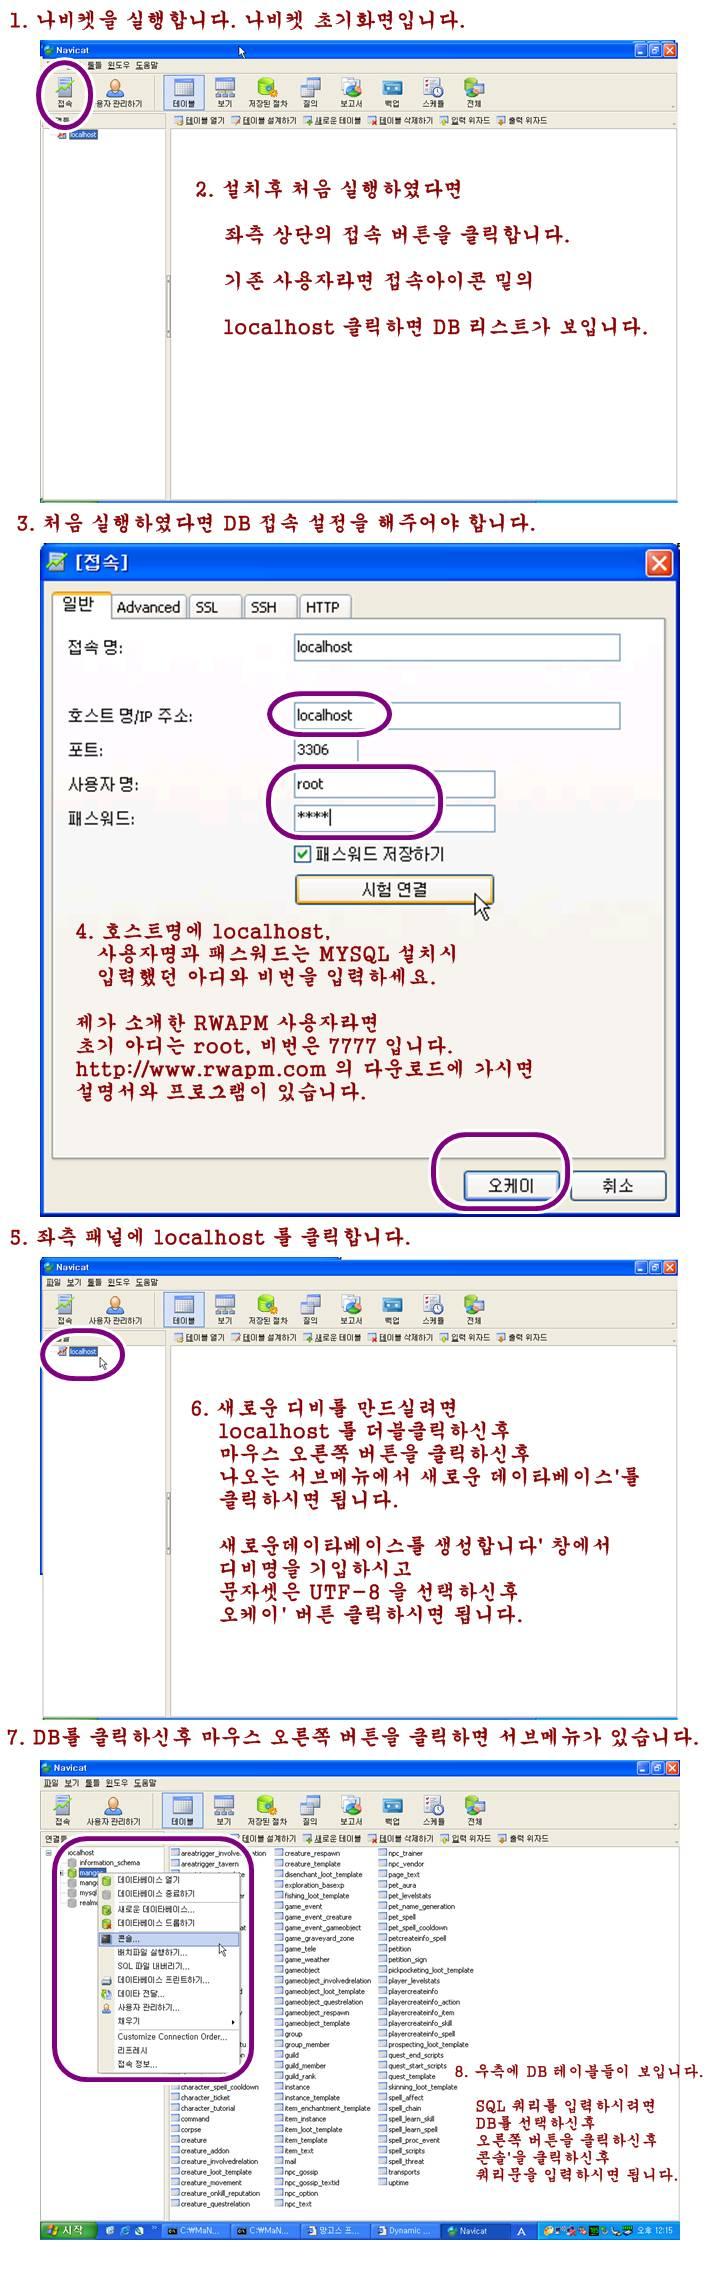 나비켓 다운로드와 간단한 사용방법 11868910